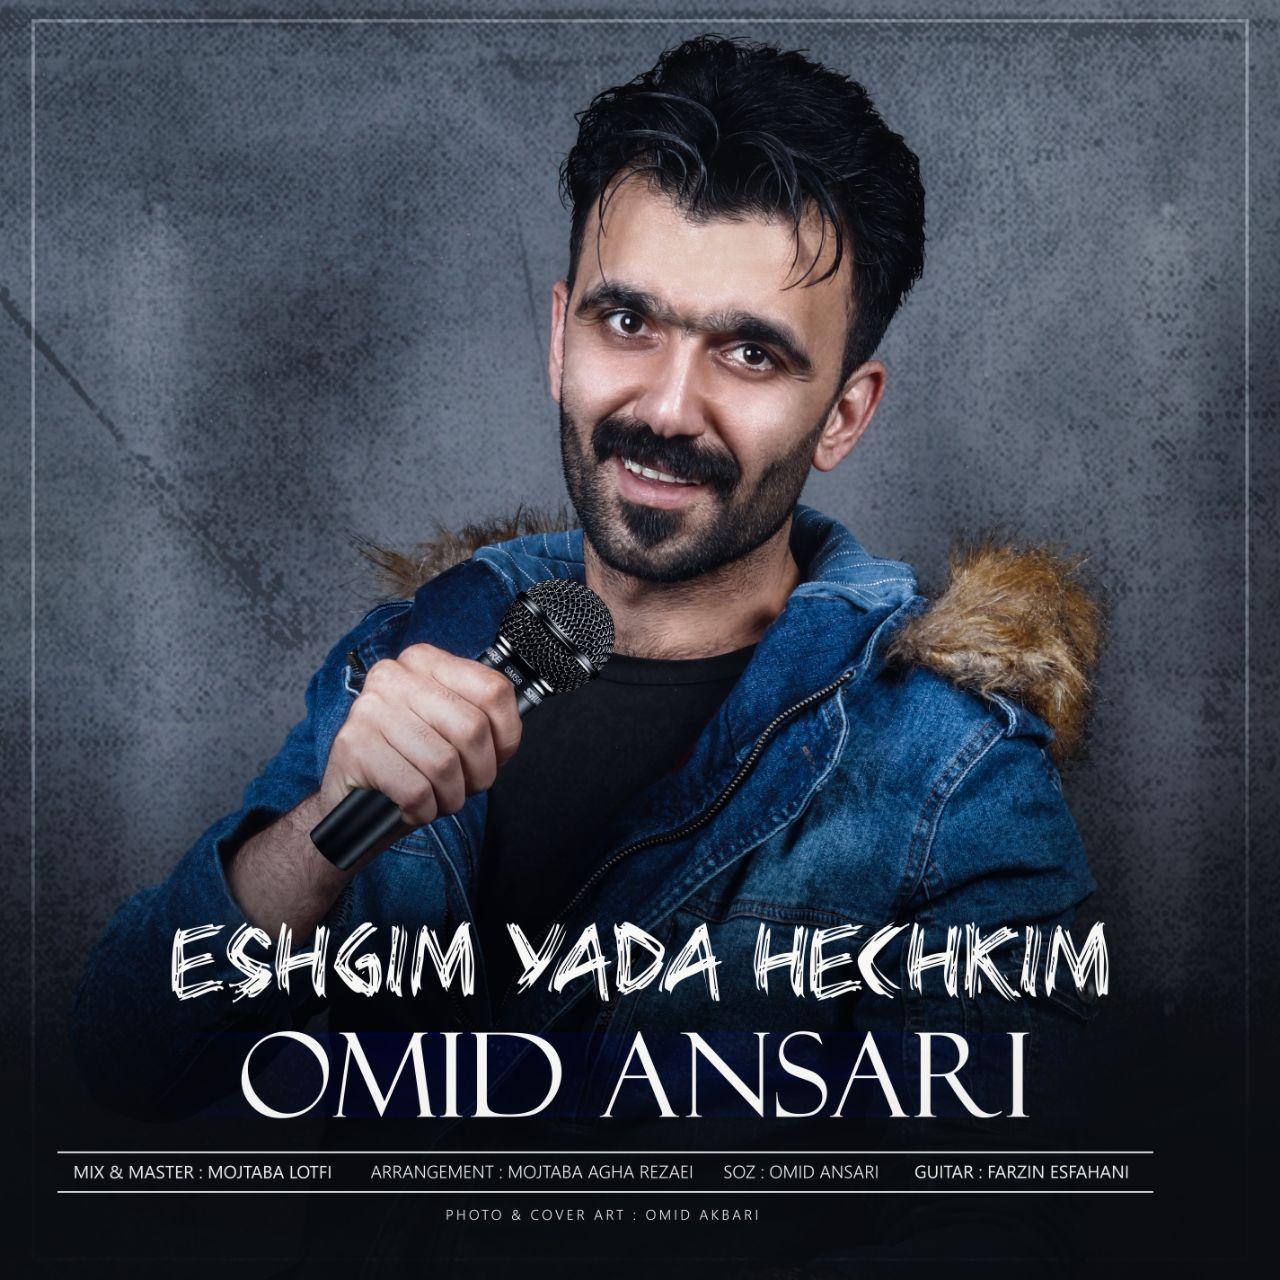 Omid Ansari - Eshgim Yada Hechkim